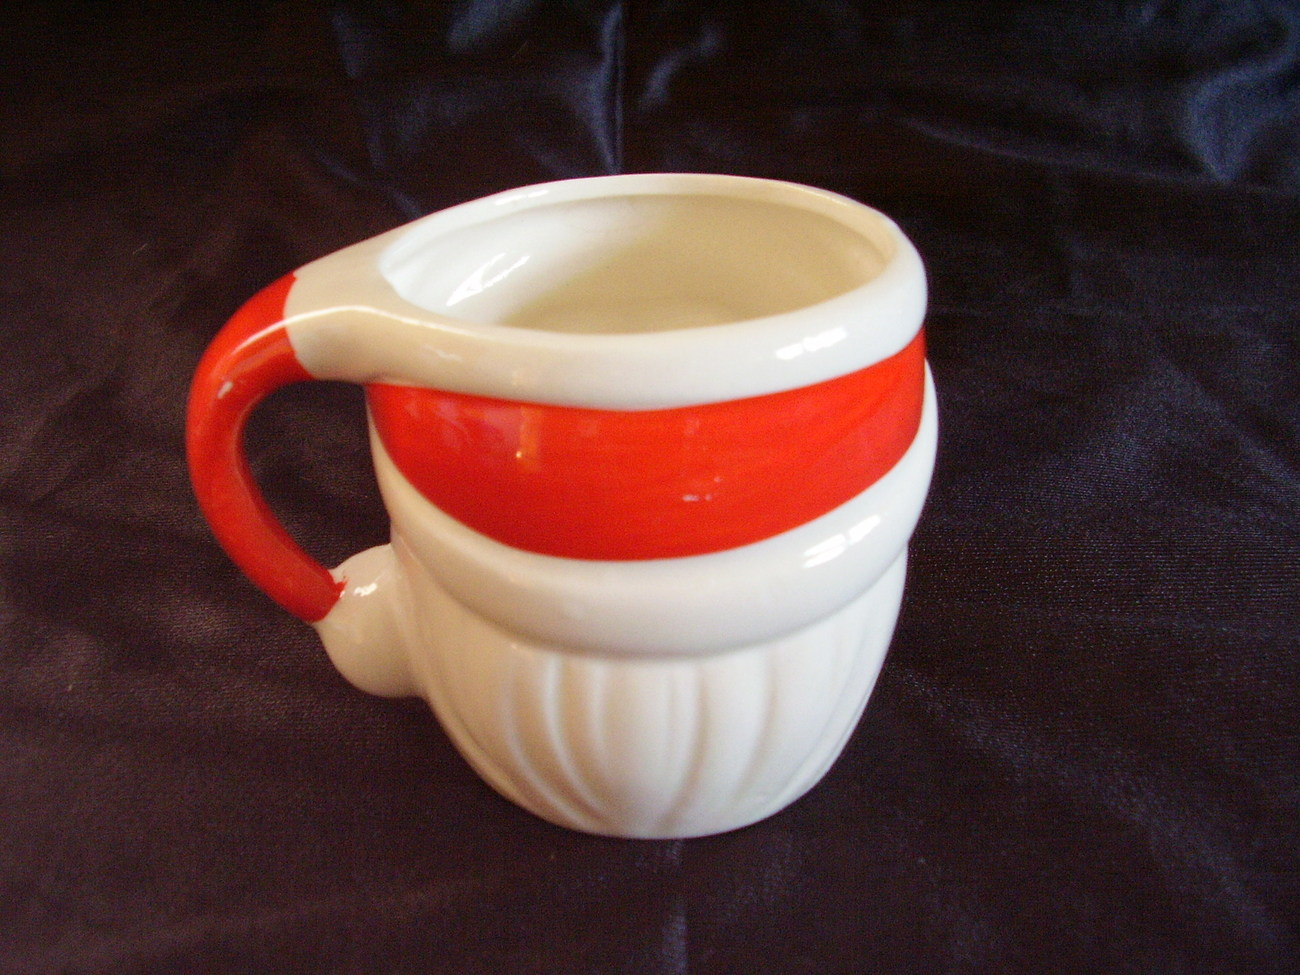 Christmas Santa Chocolate Mug Cup